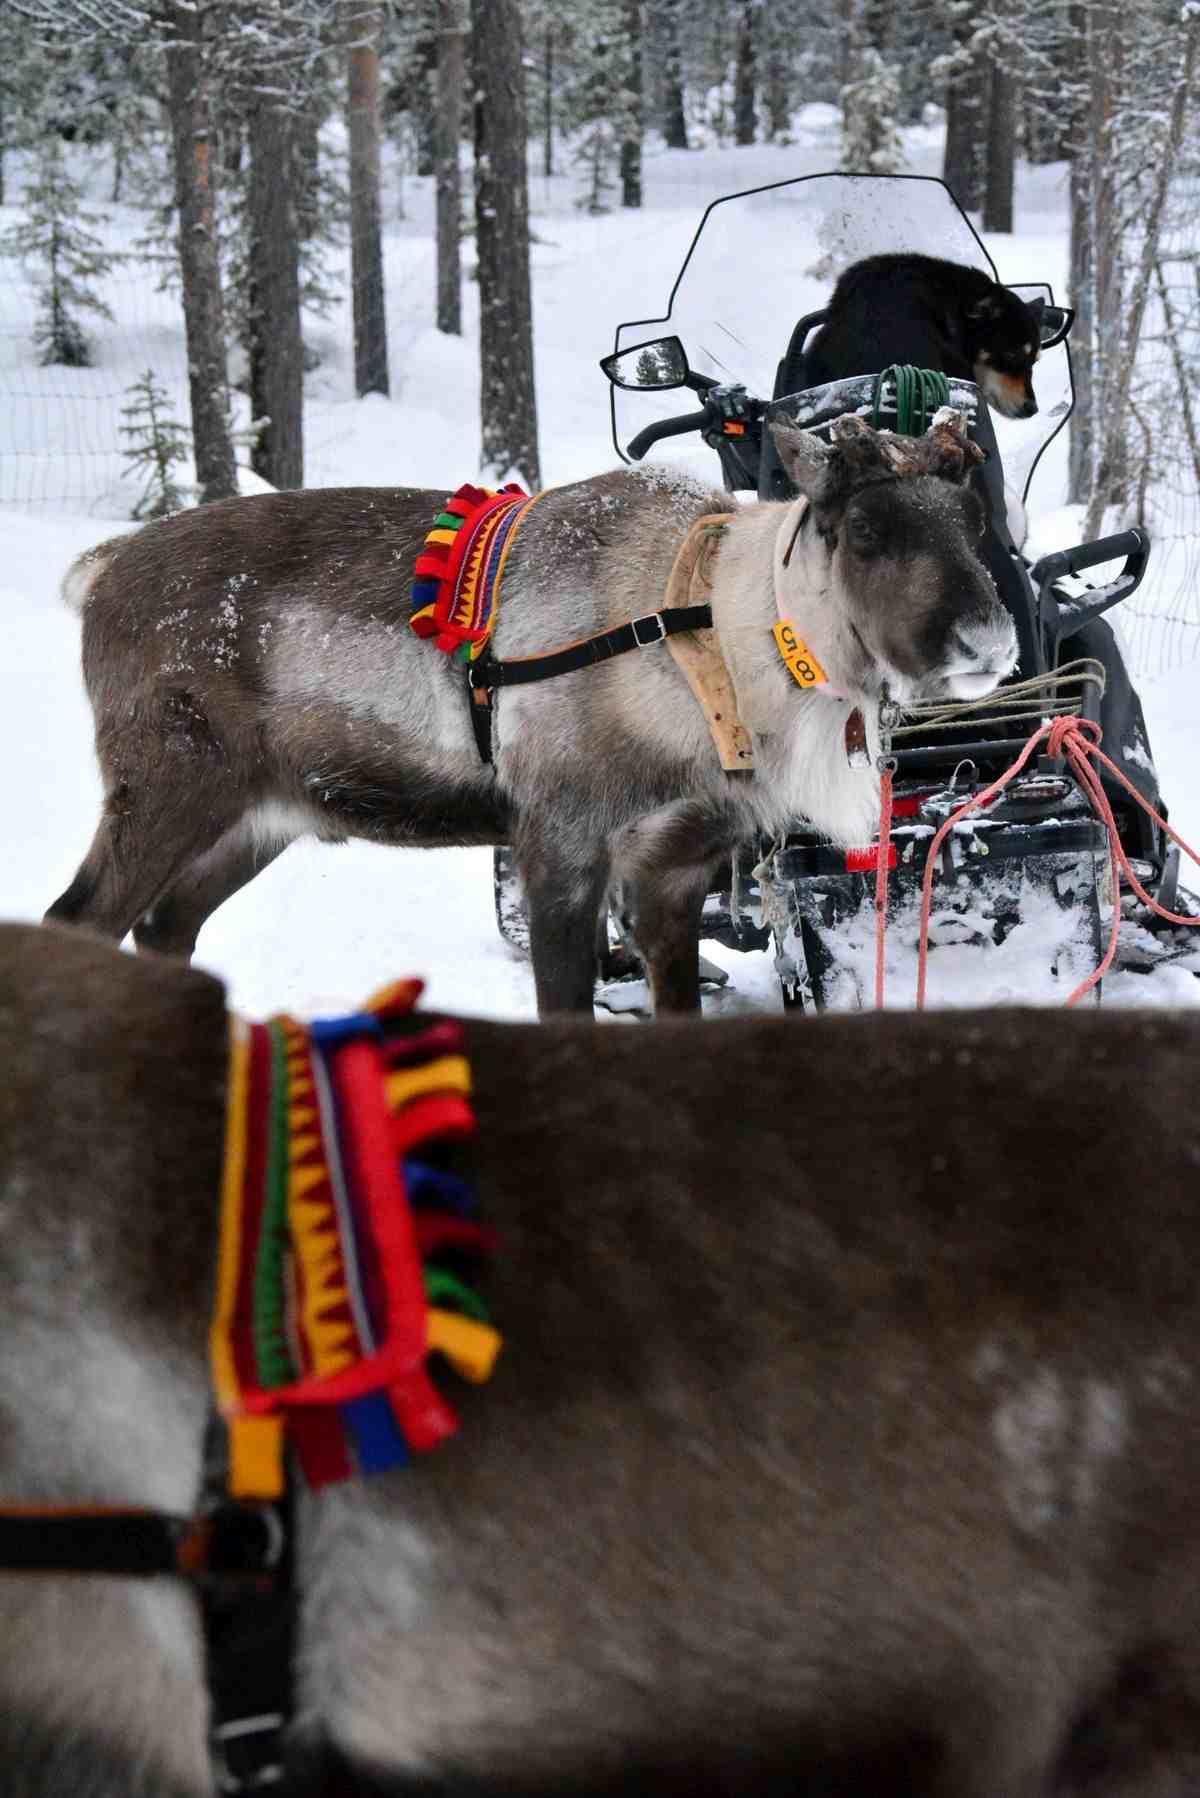 (FOTO: Liane Gruda) Die Rentiere sind schon ganz aufgeregt und freuen sich auf die bevorstehende Tour durch den Schnee.